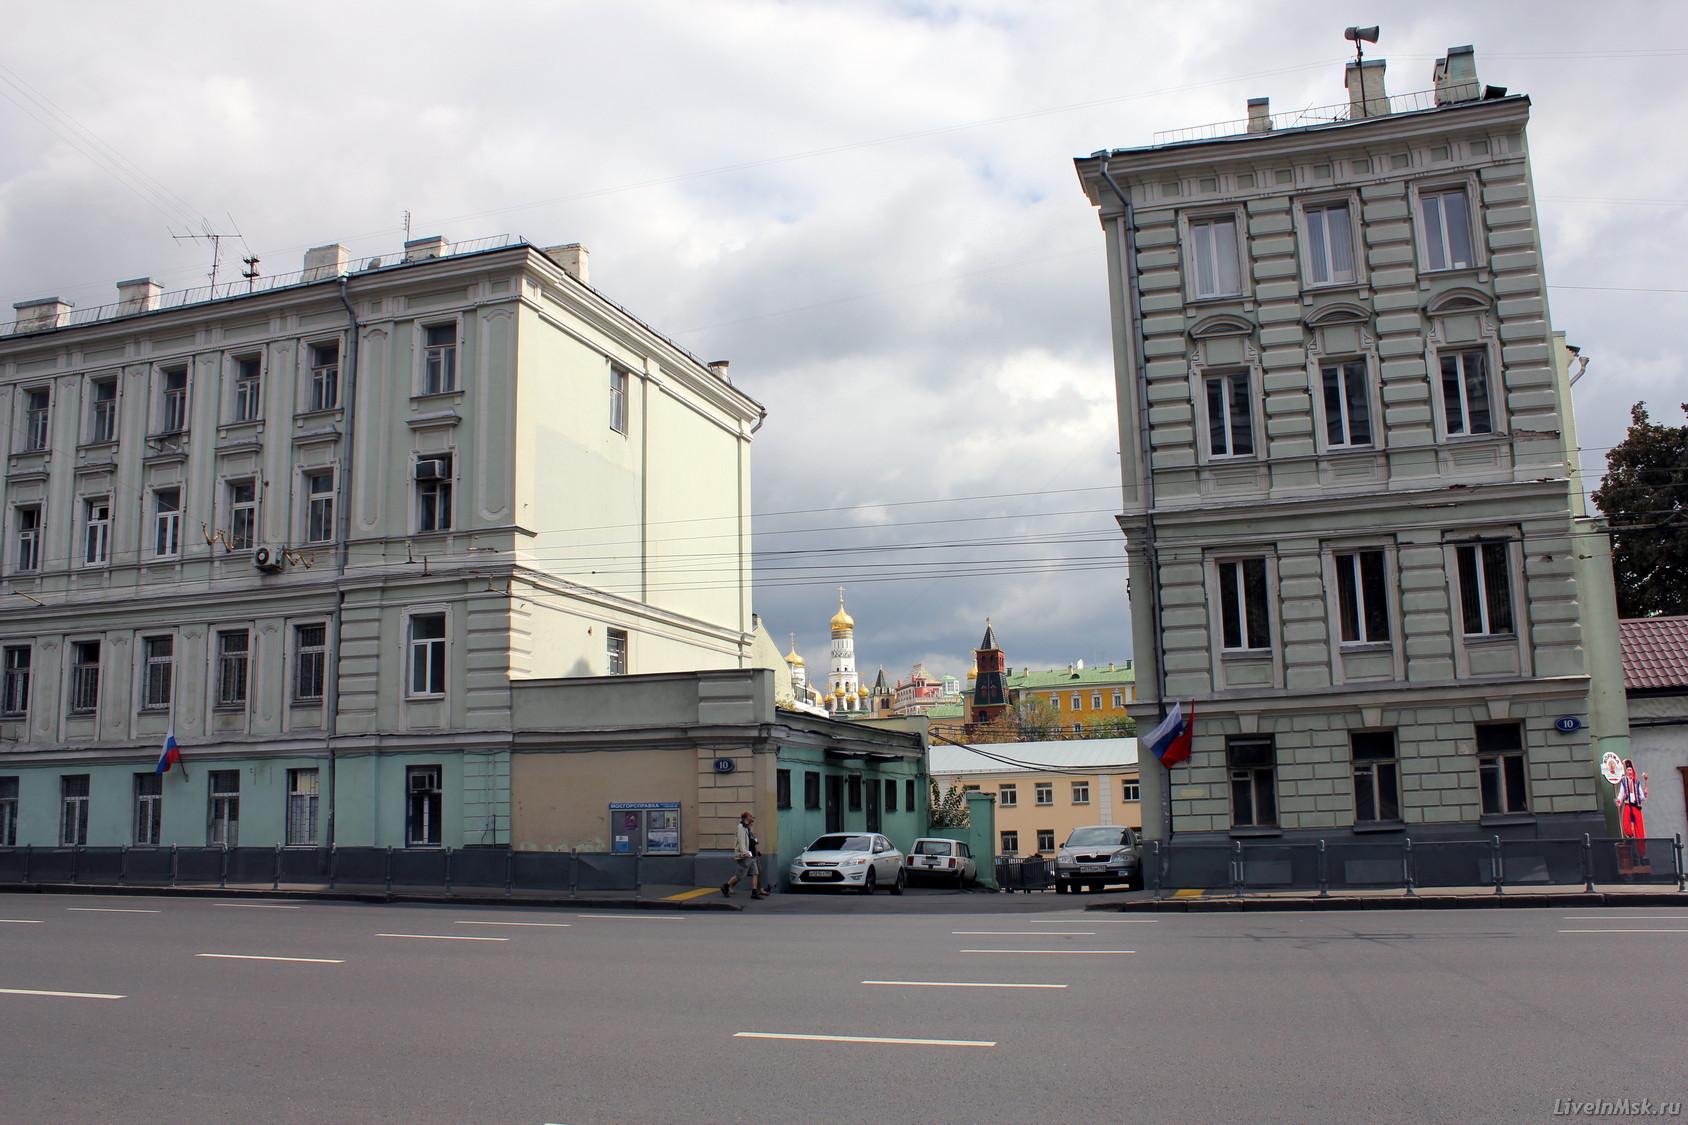 09894624dfe1 Позднее, на этой стороне, были открыты музей М.И.Калинина и кафе, здание с  аптекой снесено ещё позднее.